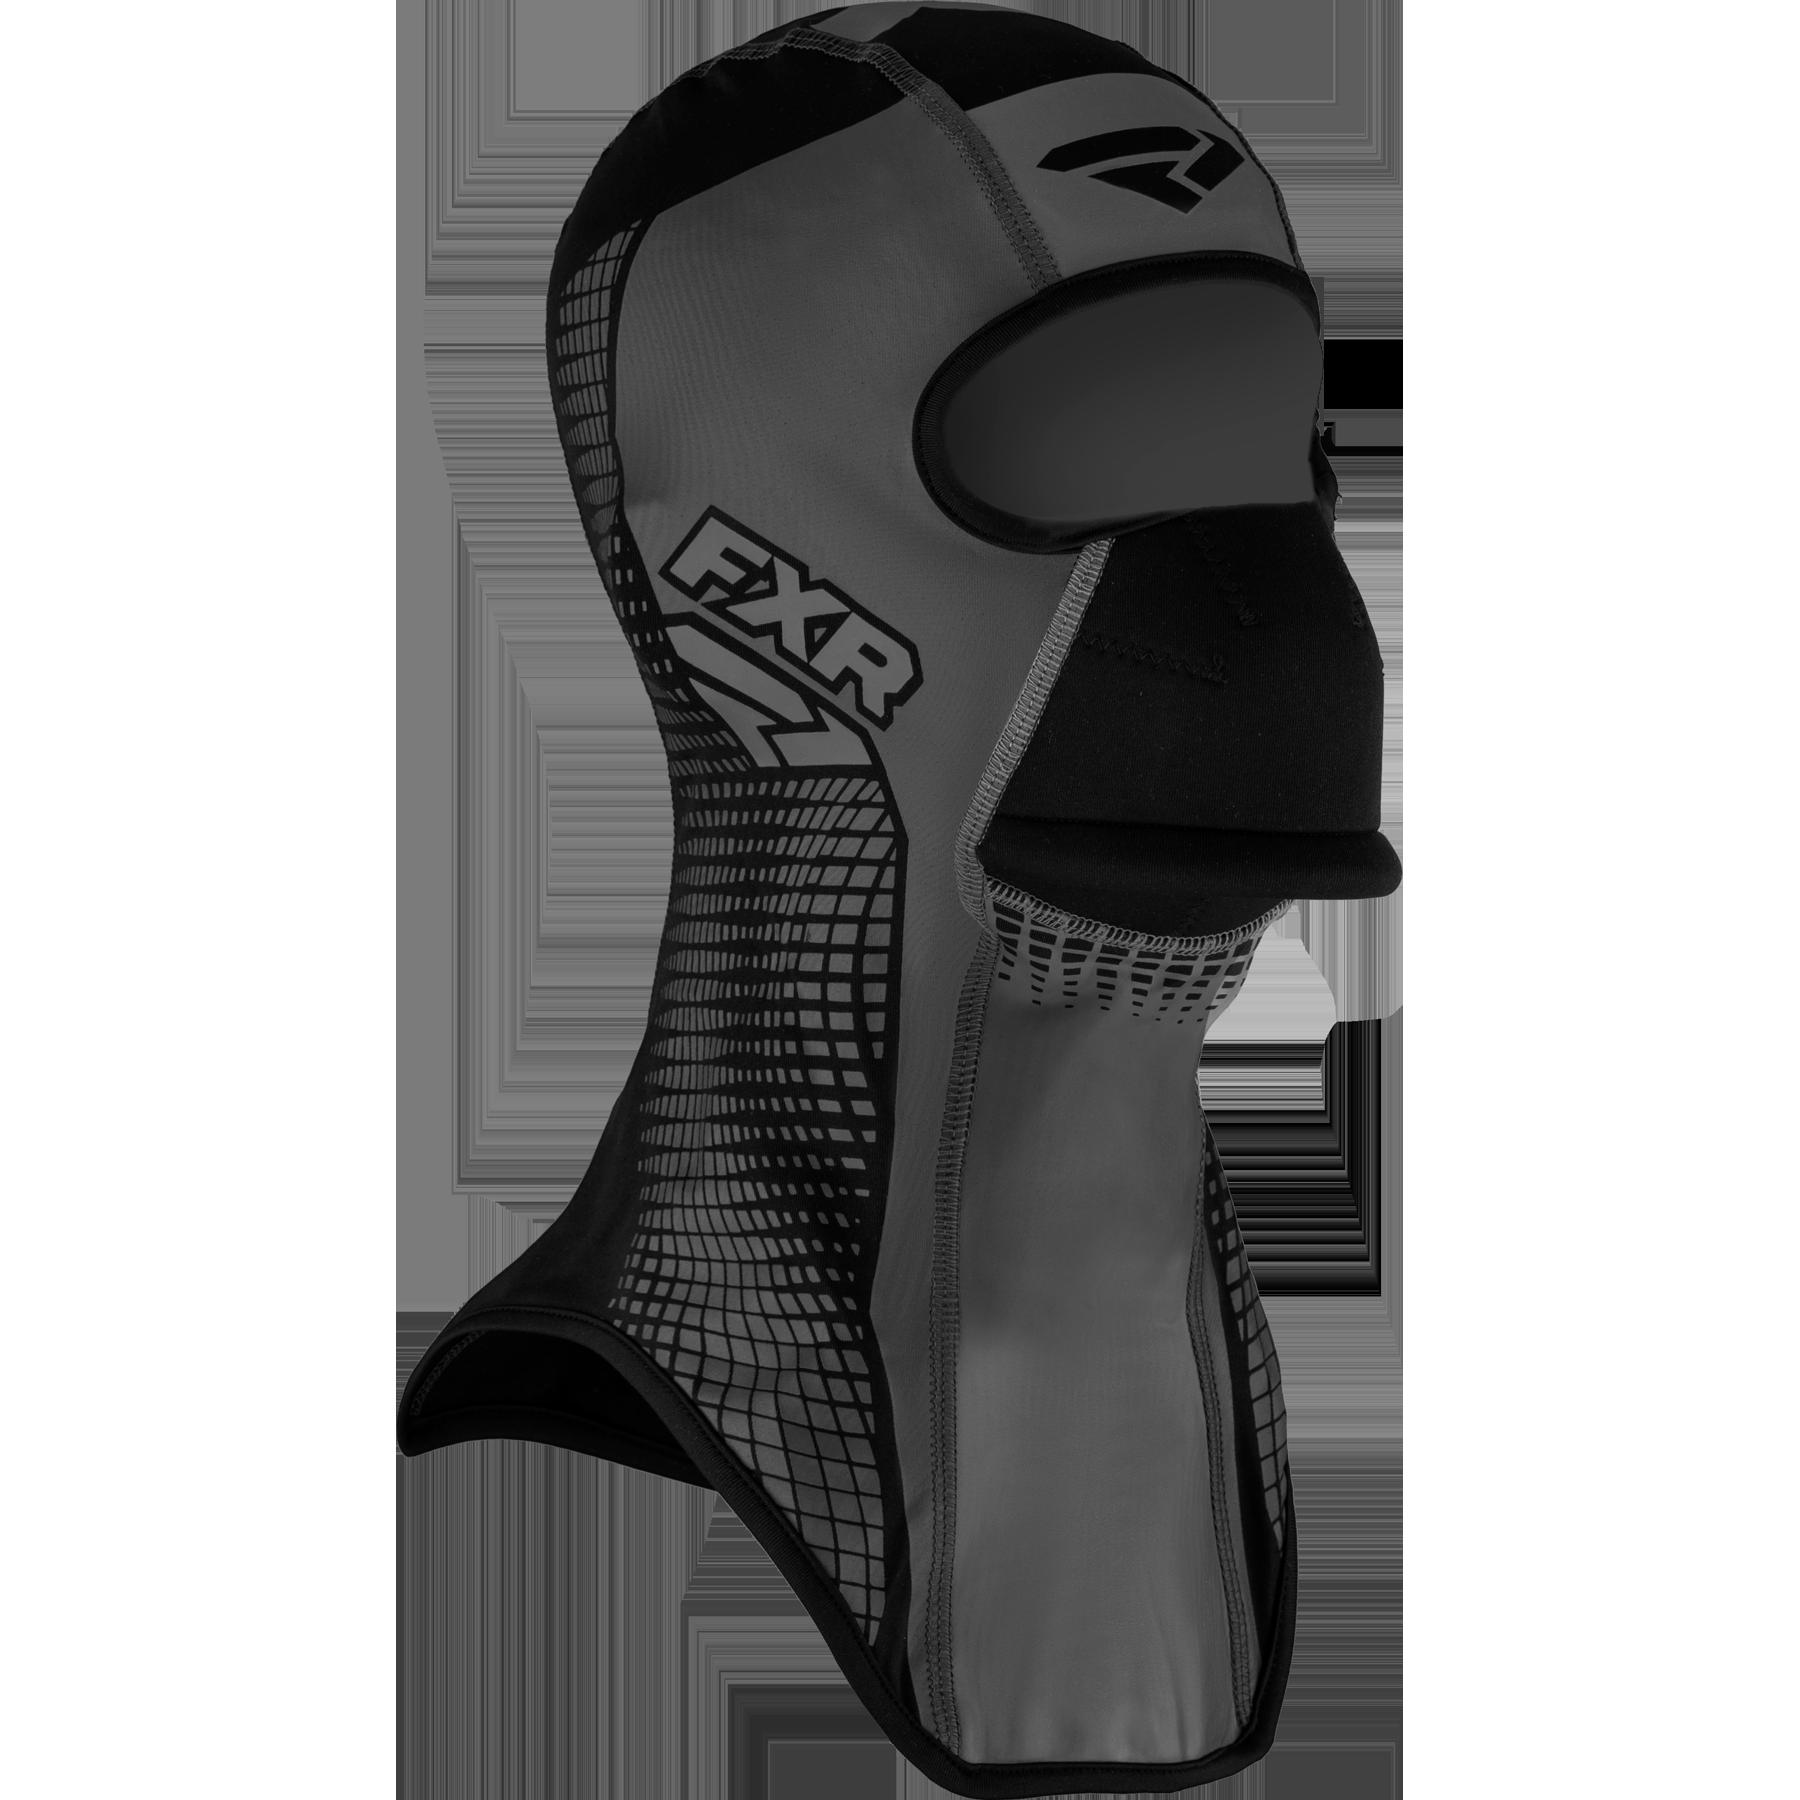 Shredder Thermal Anti Fog Balaclava 22 KI 6